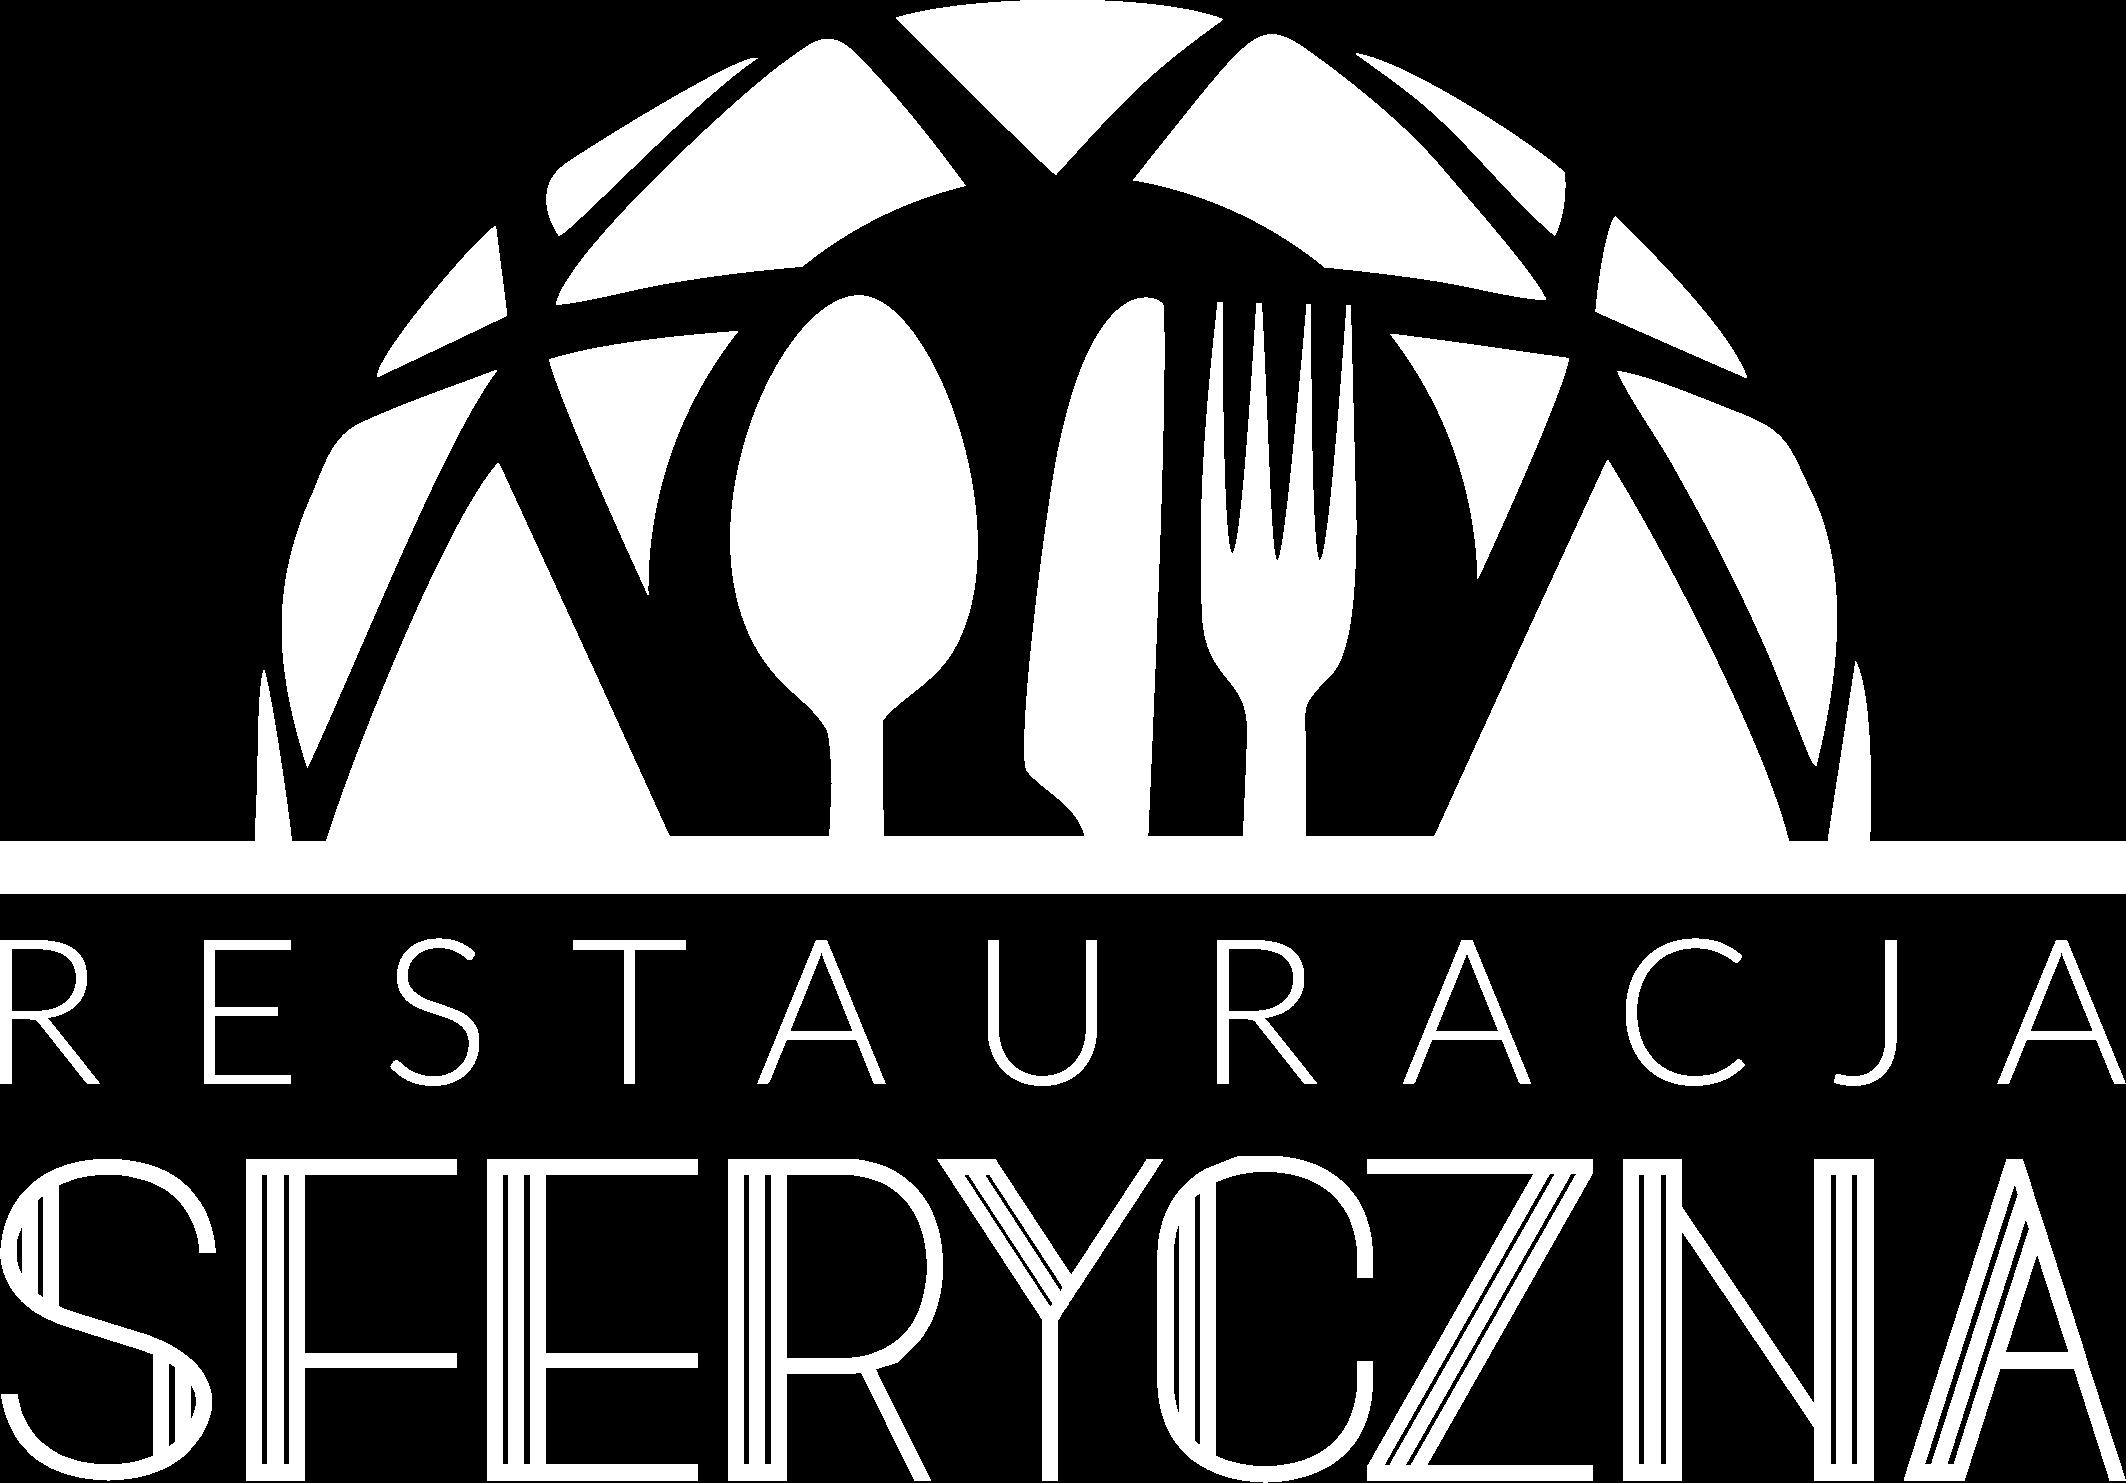 Restauracja Sferyczna